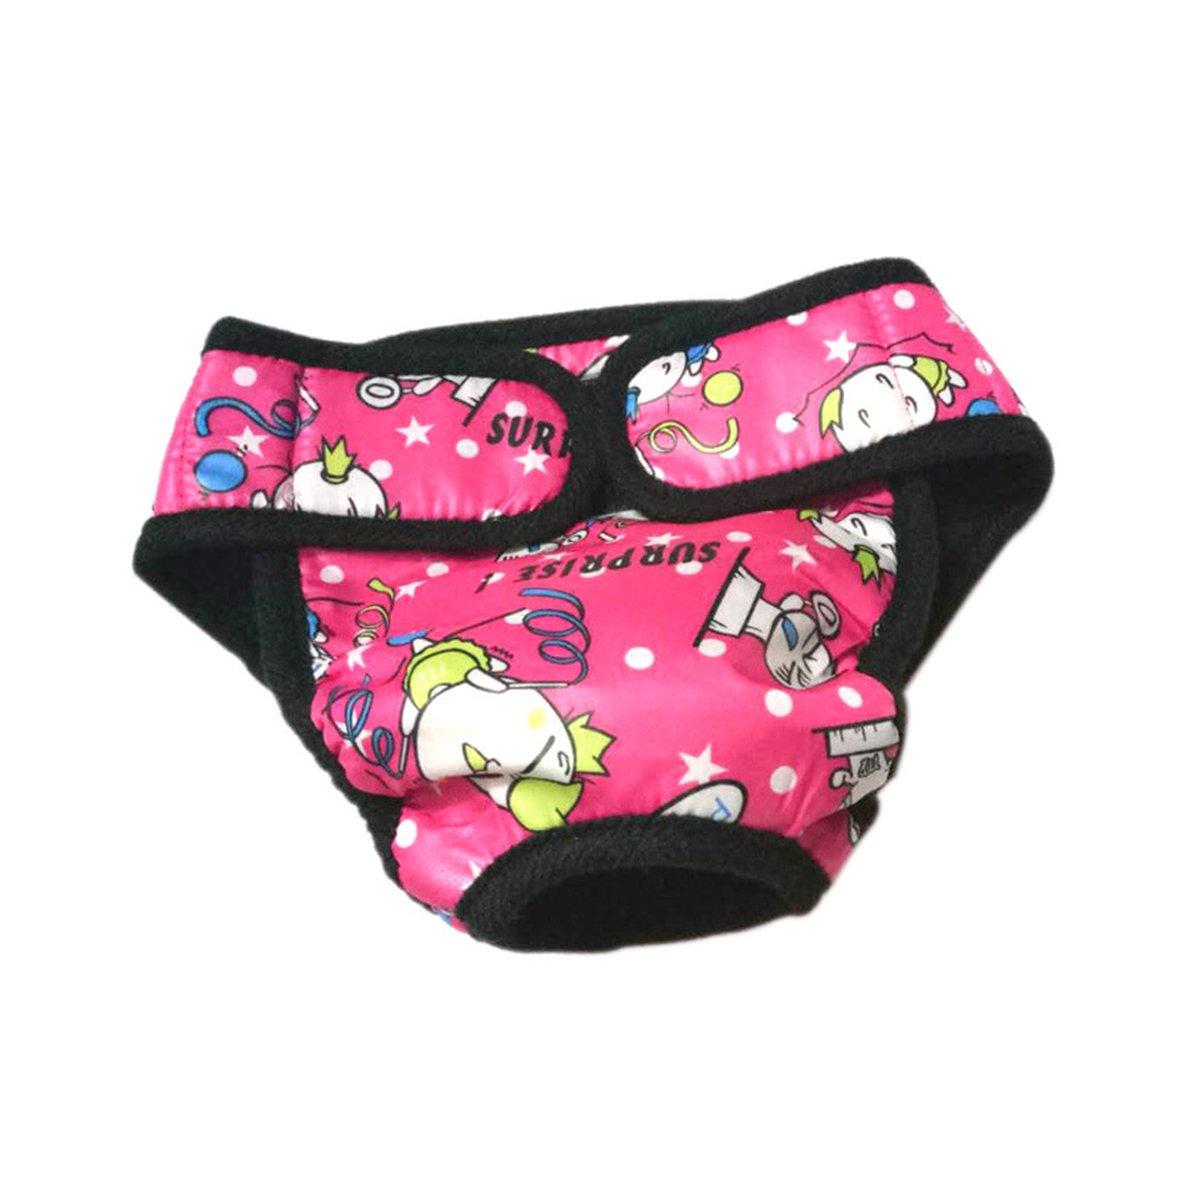 Bragas Menstrual perro ueetek Braguitas pa/ñal sanitario higi/énicas para perros y animales 3pcs